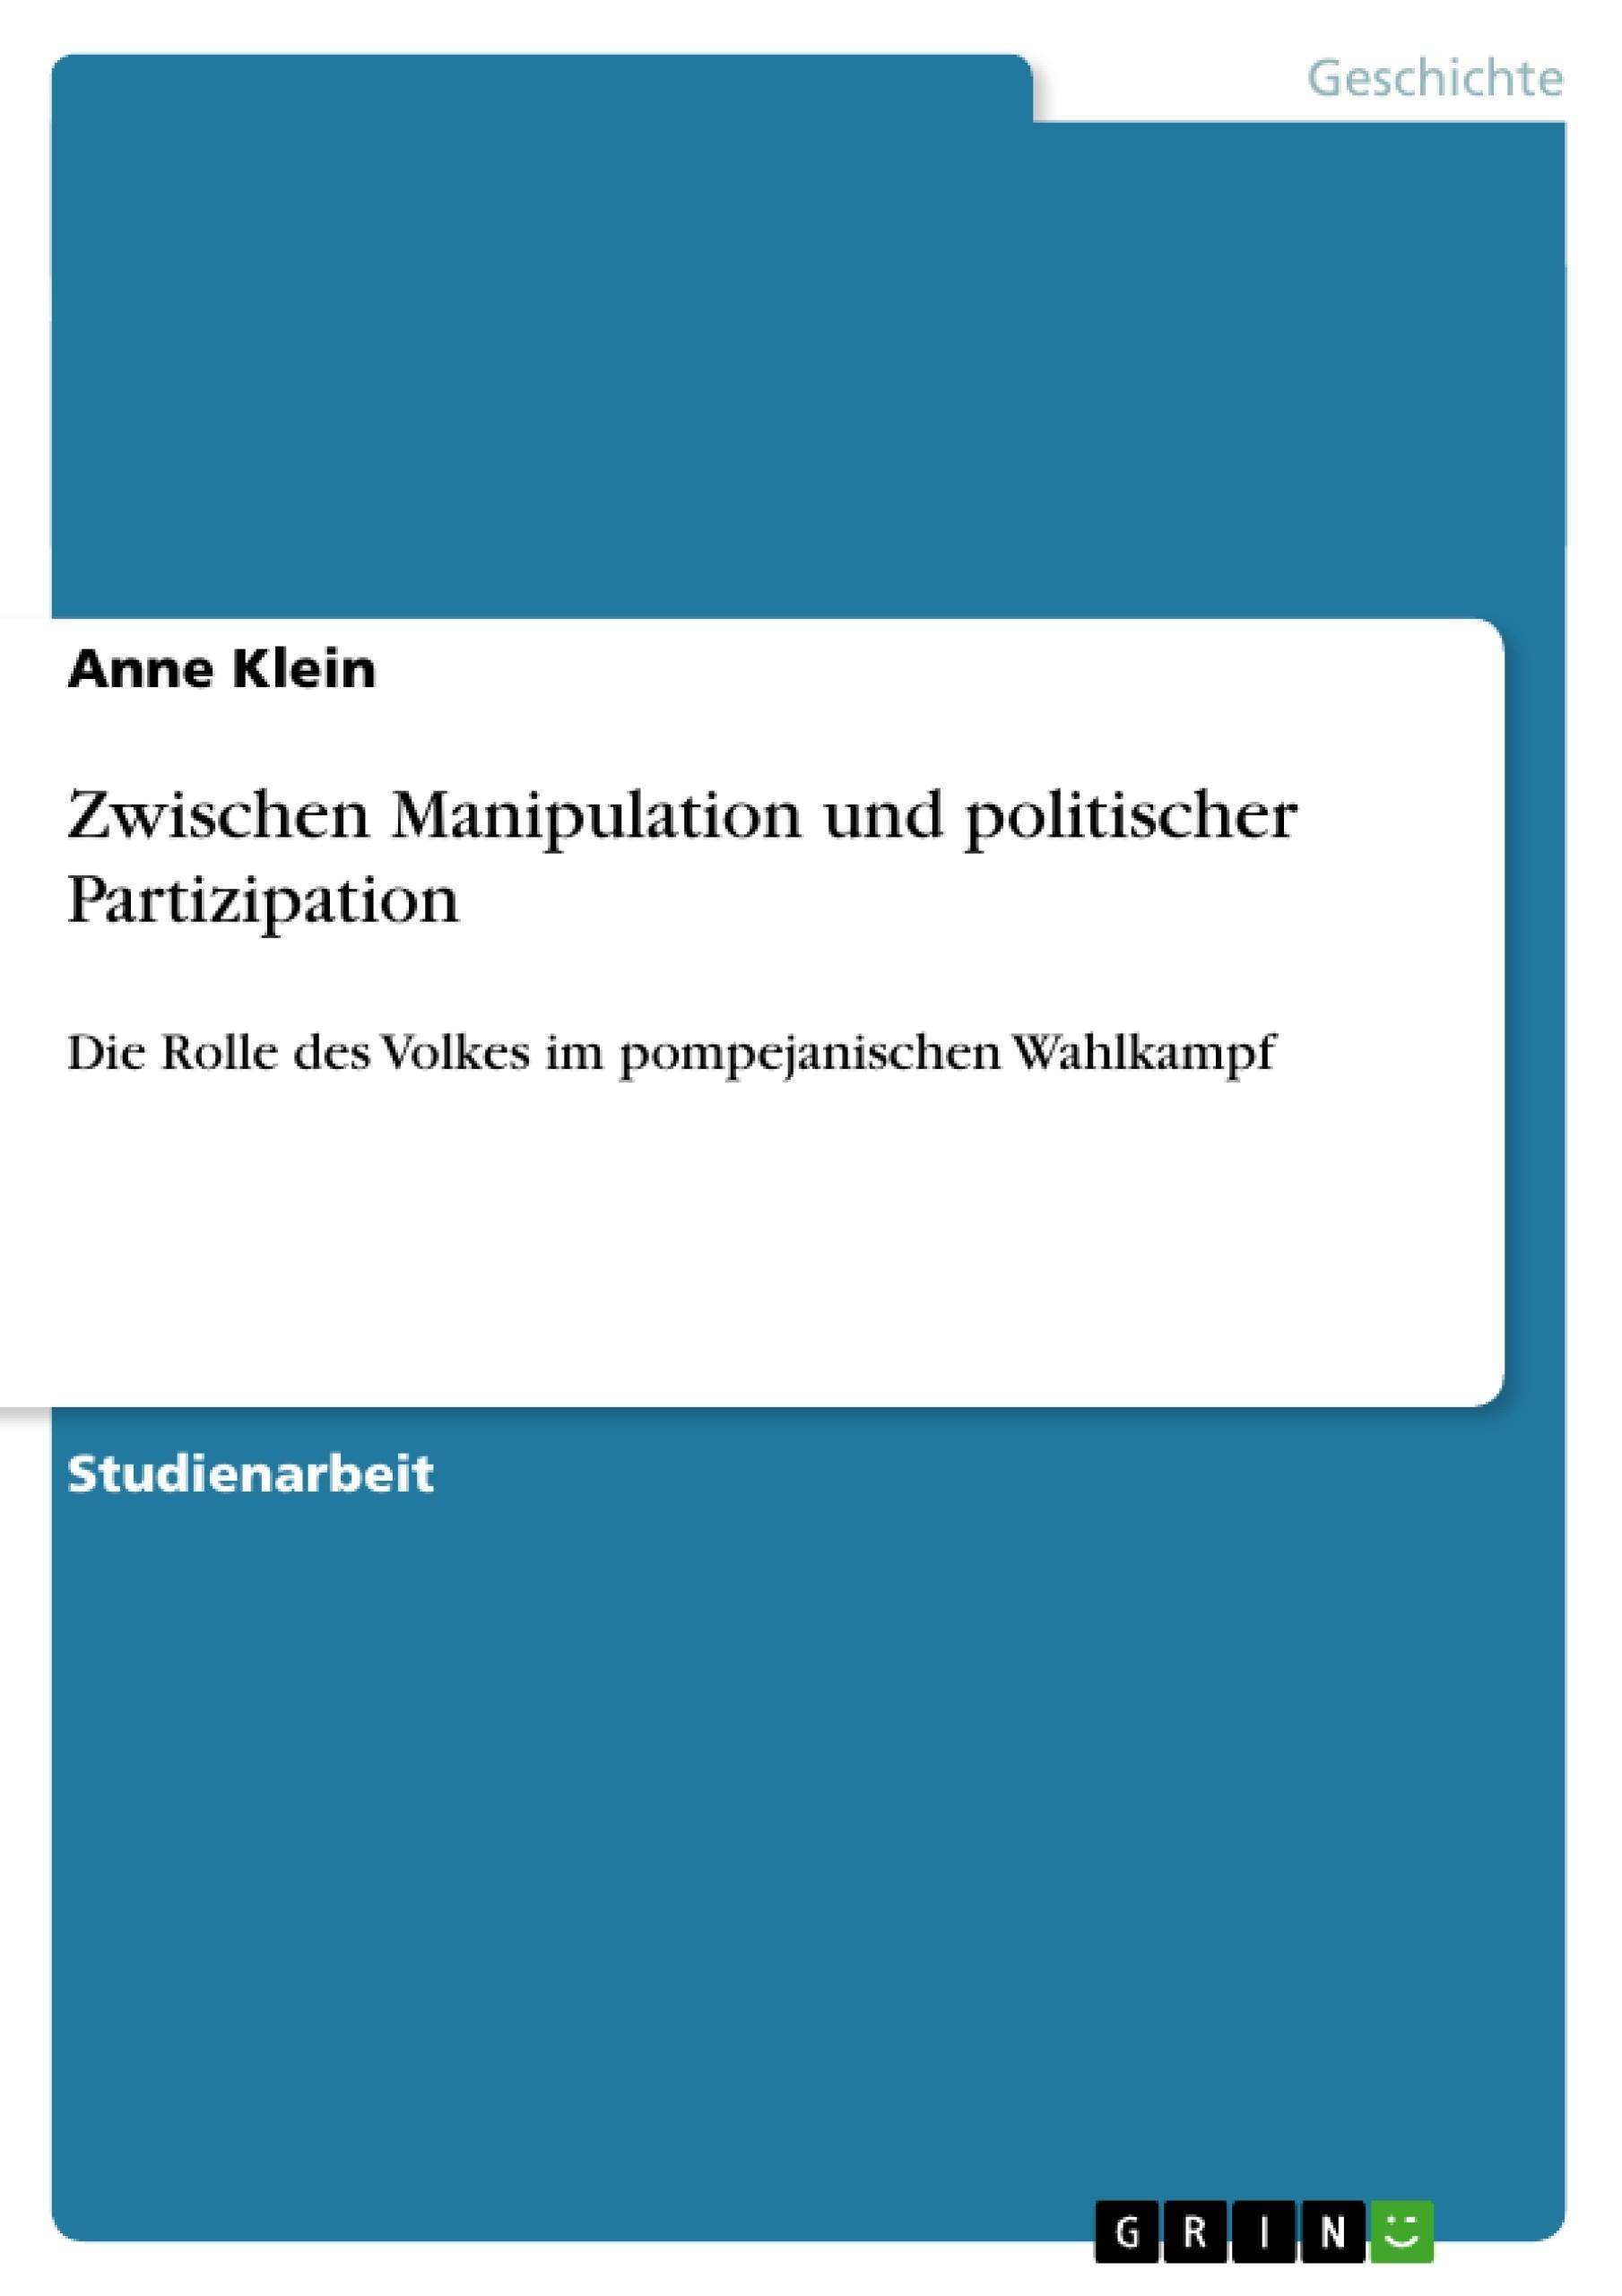 Titel: Zwischen Manipulation und politischer Partizipation